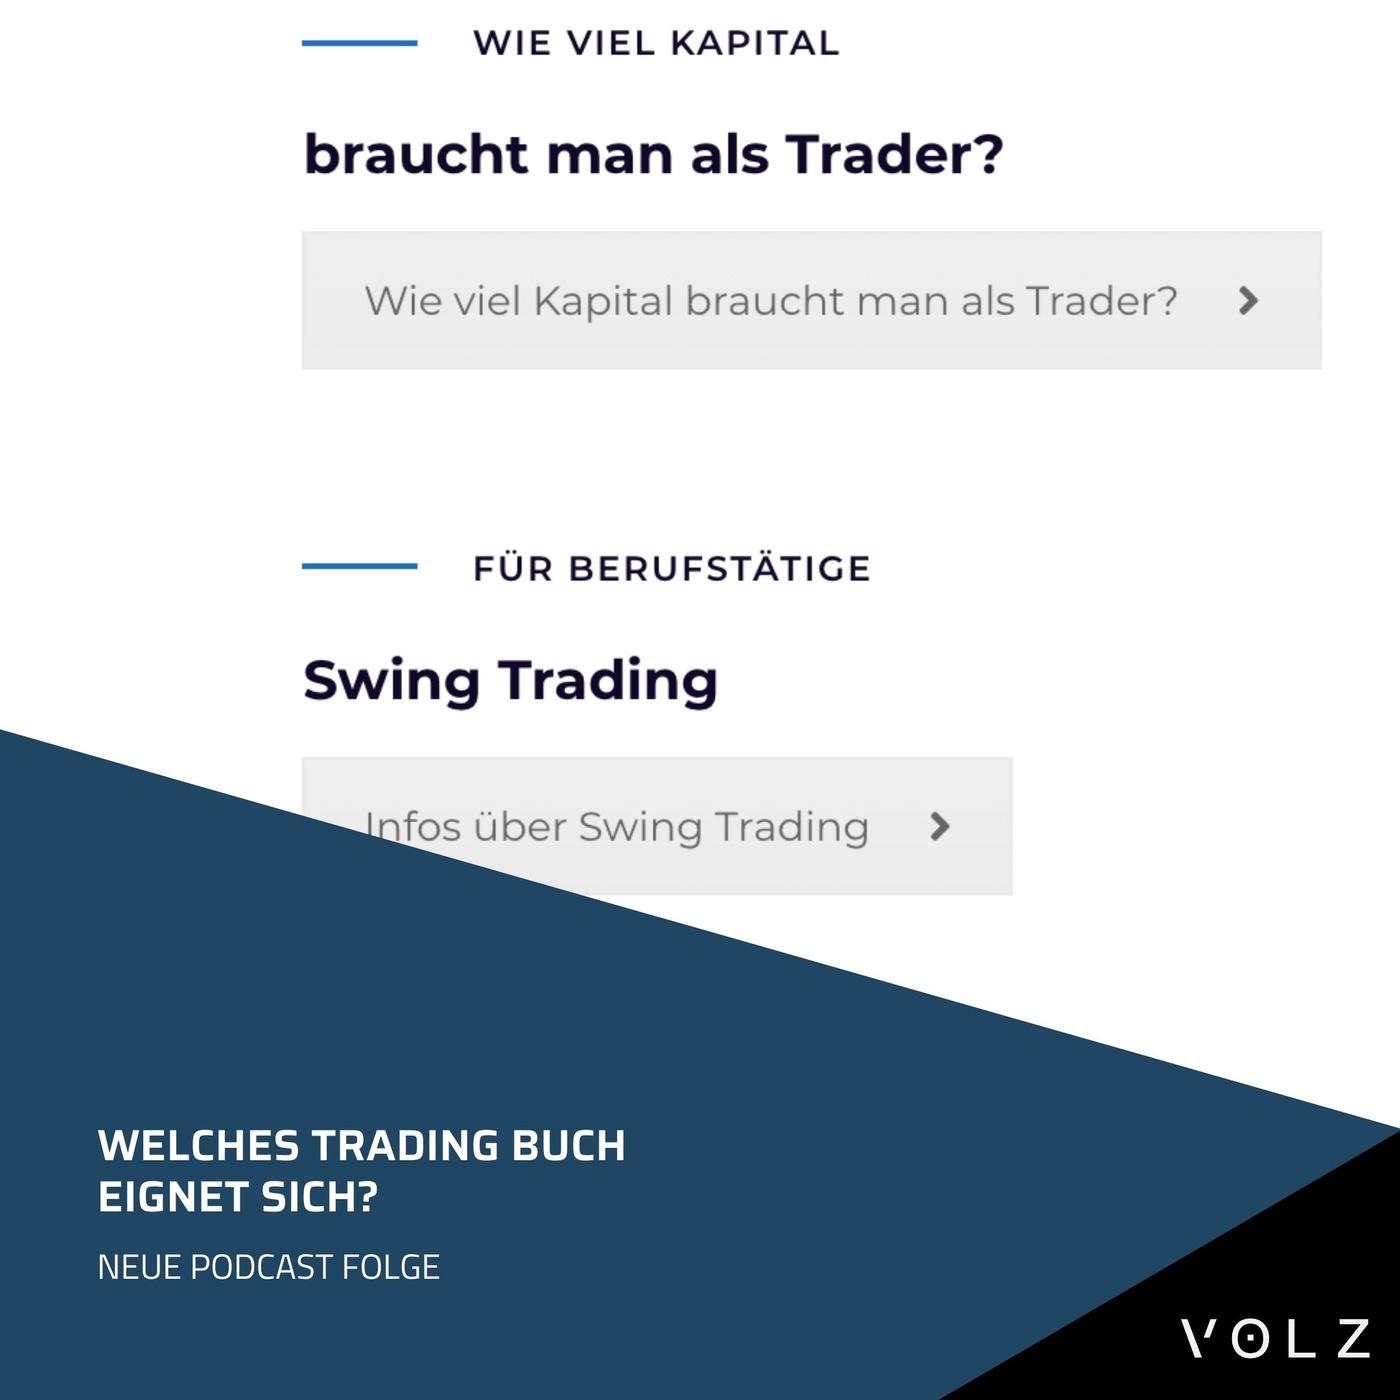 📈 Welches Buch ist das Richtige zum Traden lernen?